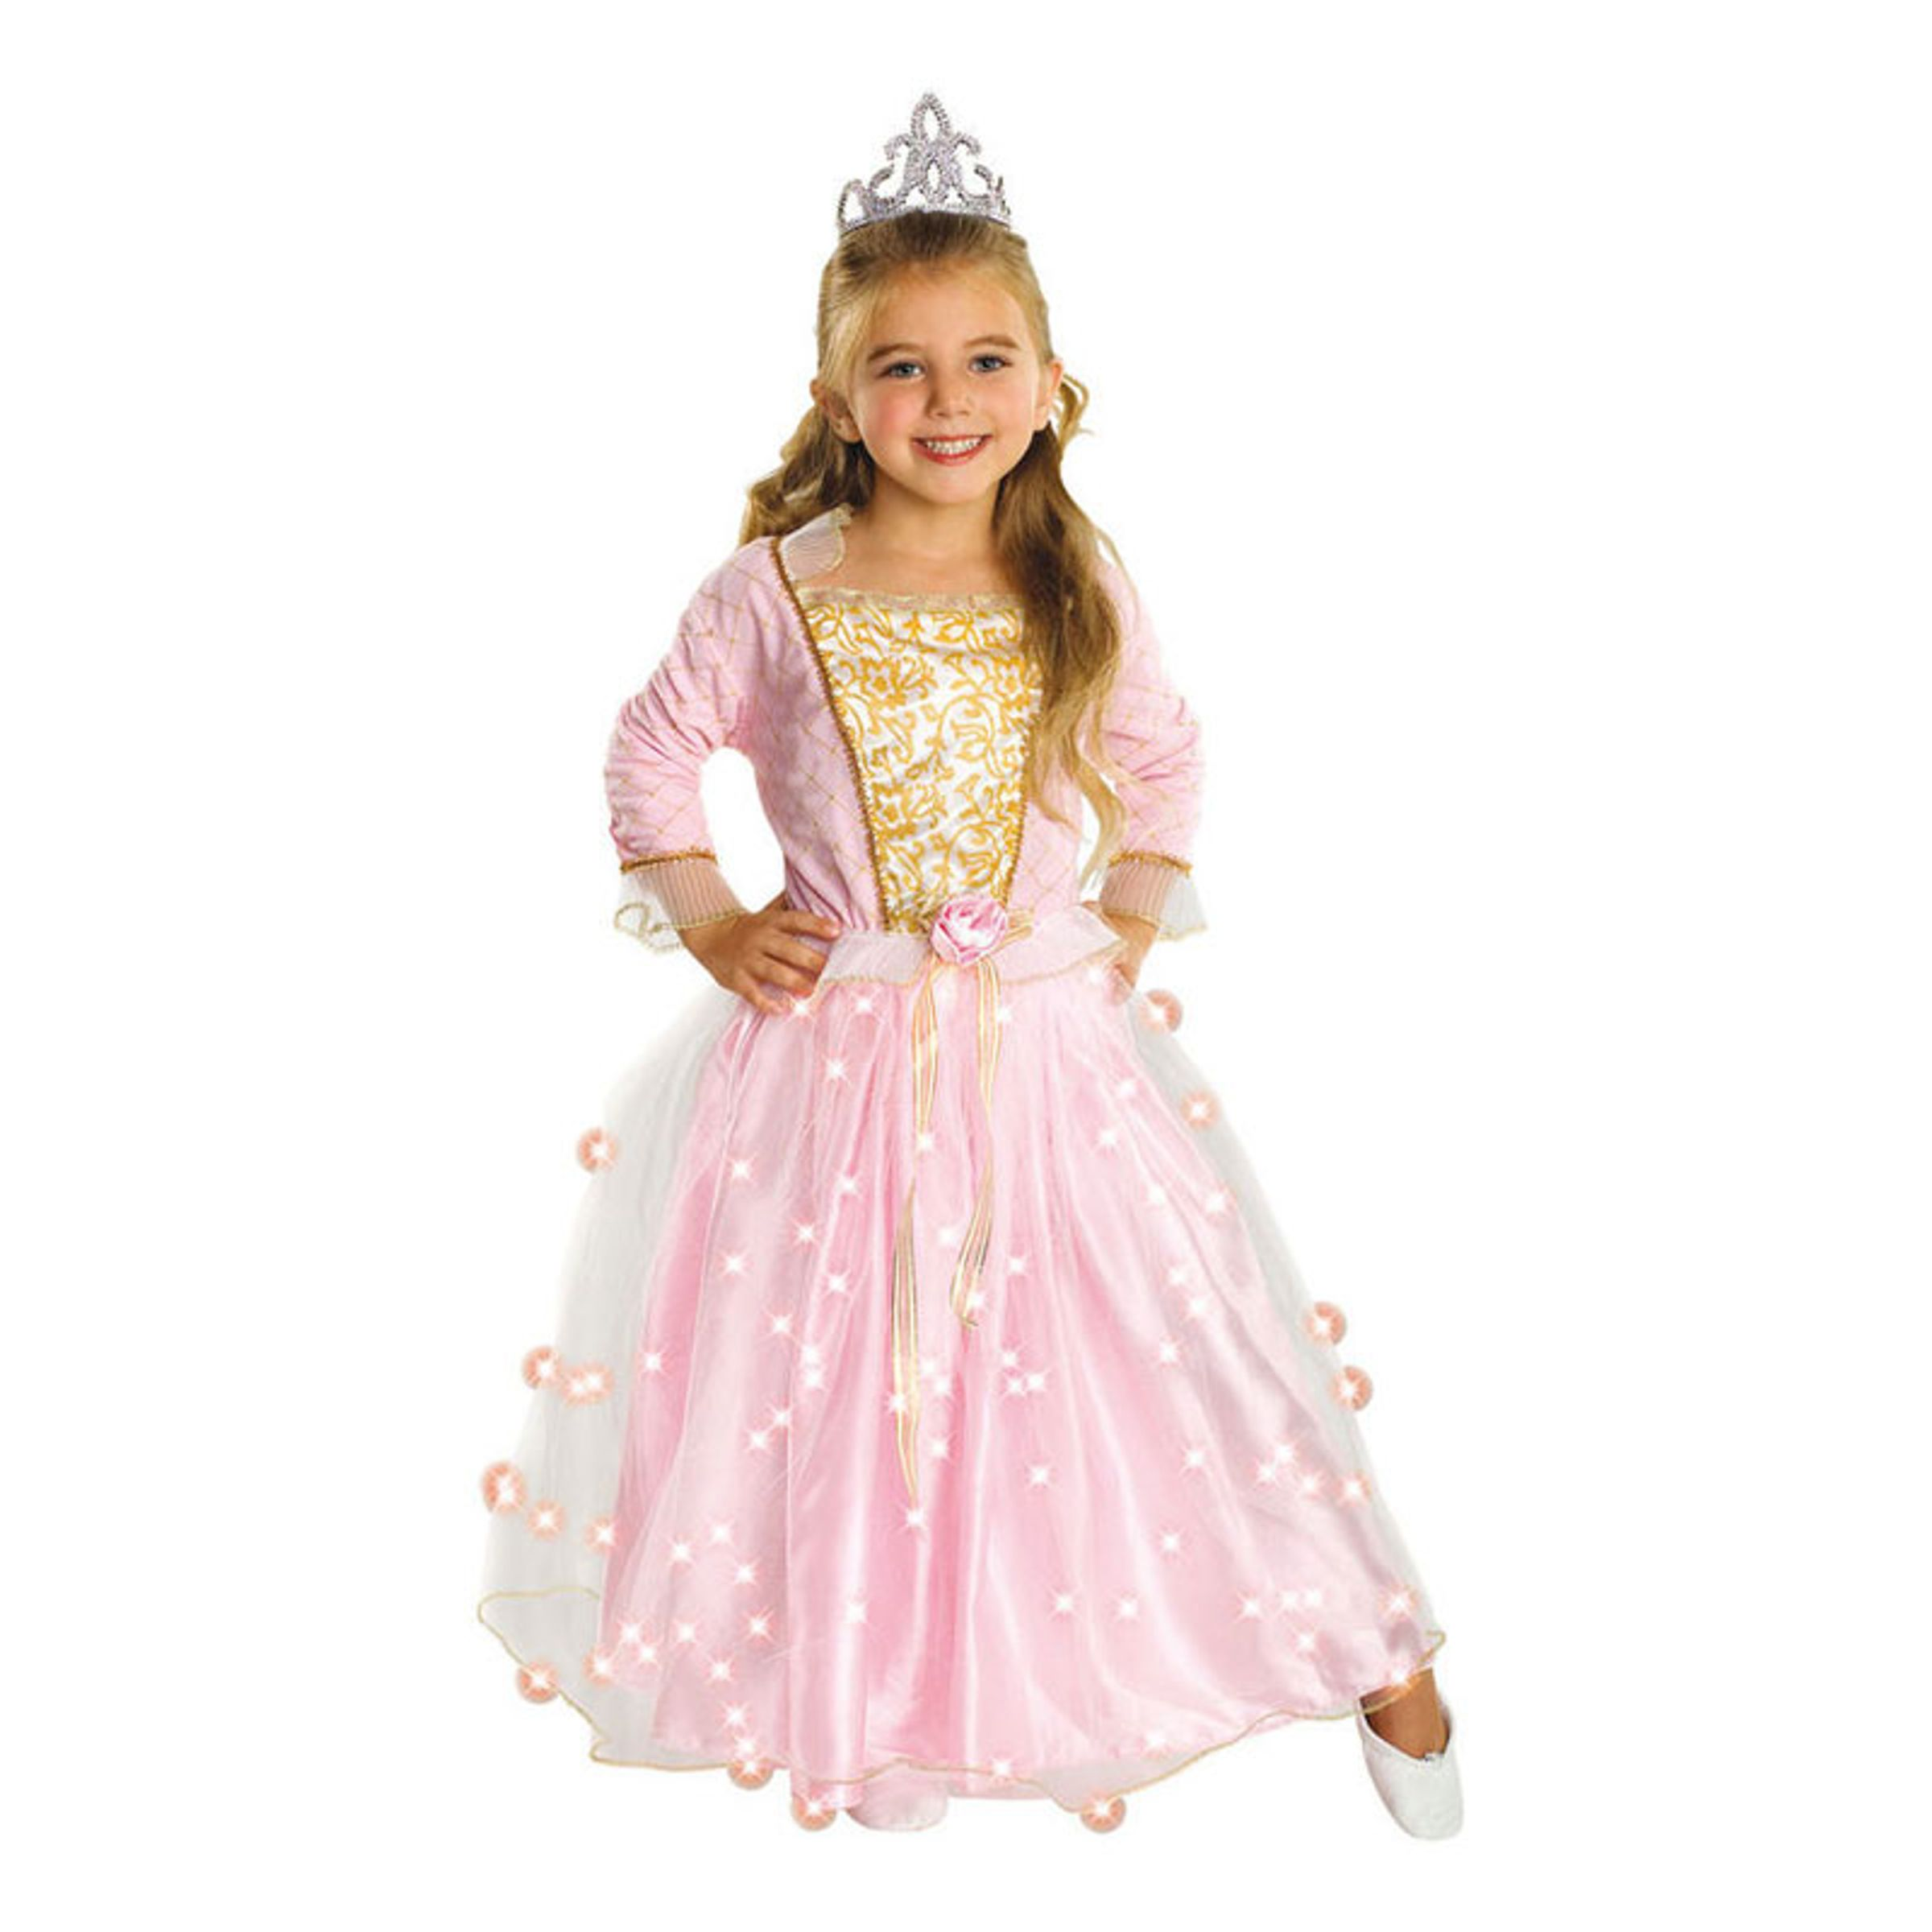 Sagoprinsessa Barn Maskeraddräkt - Toddler